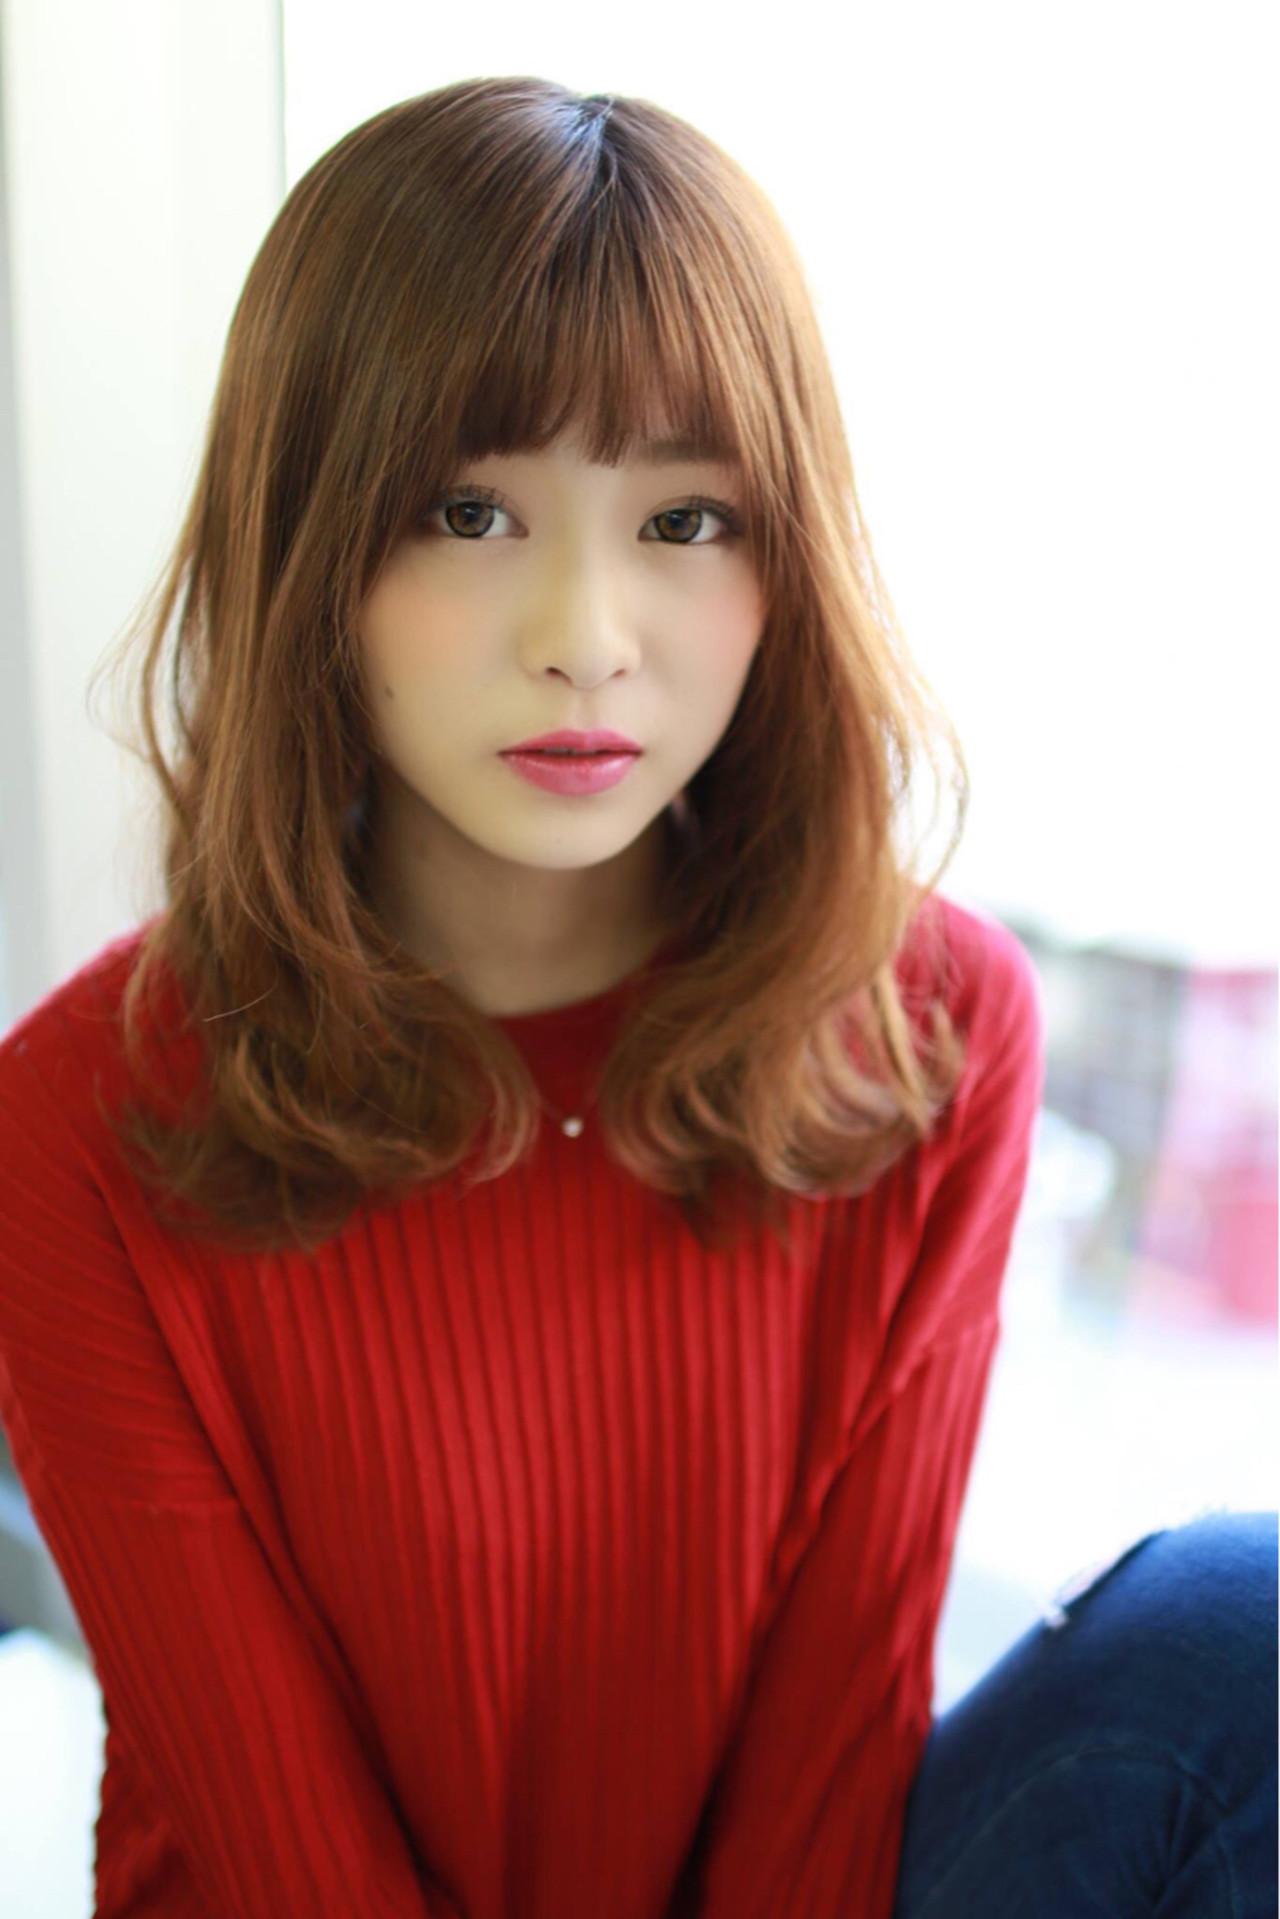 ゆるふわ フェミニン 小顔 セミロング ヘアスタイルや髪型の写真・画像 | 大柳 浩輝 / 美容室CINQ